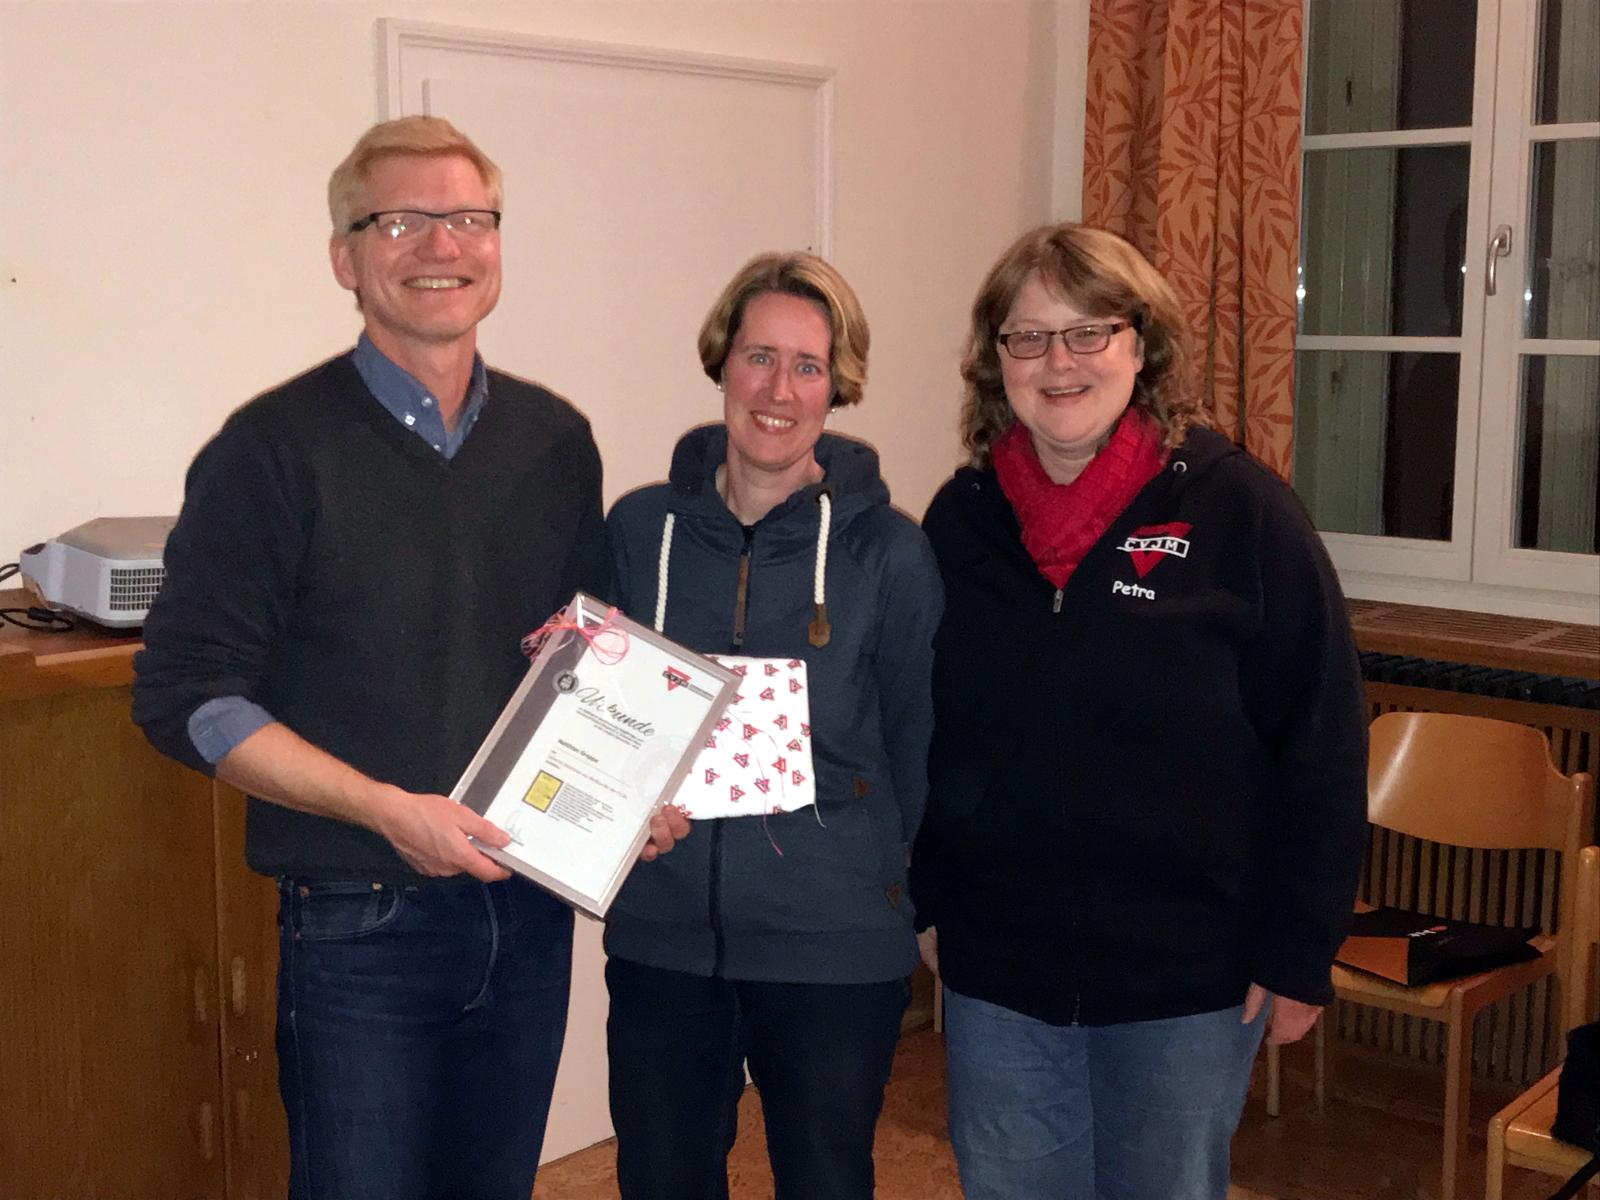 Matthias Groppe erhält eine Urkunde und ein Geschenk von Tanja Stöppel und Petra Telljohann.